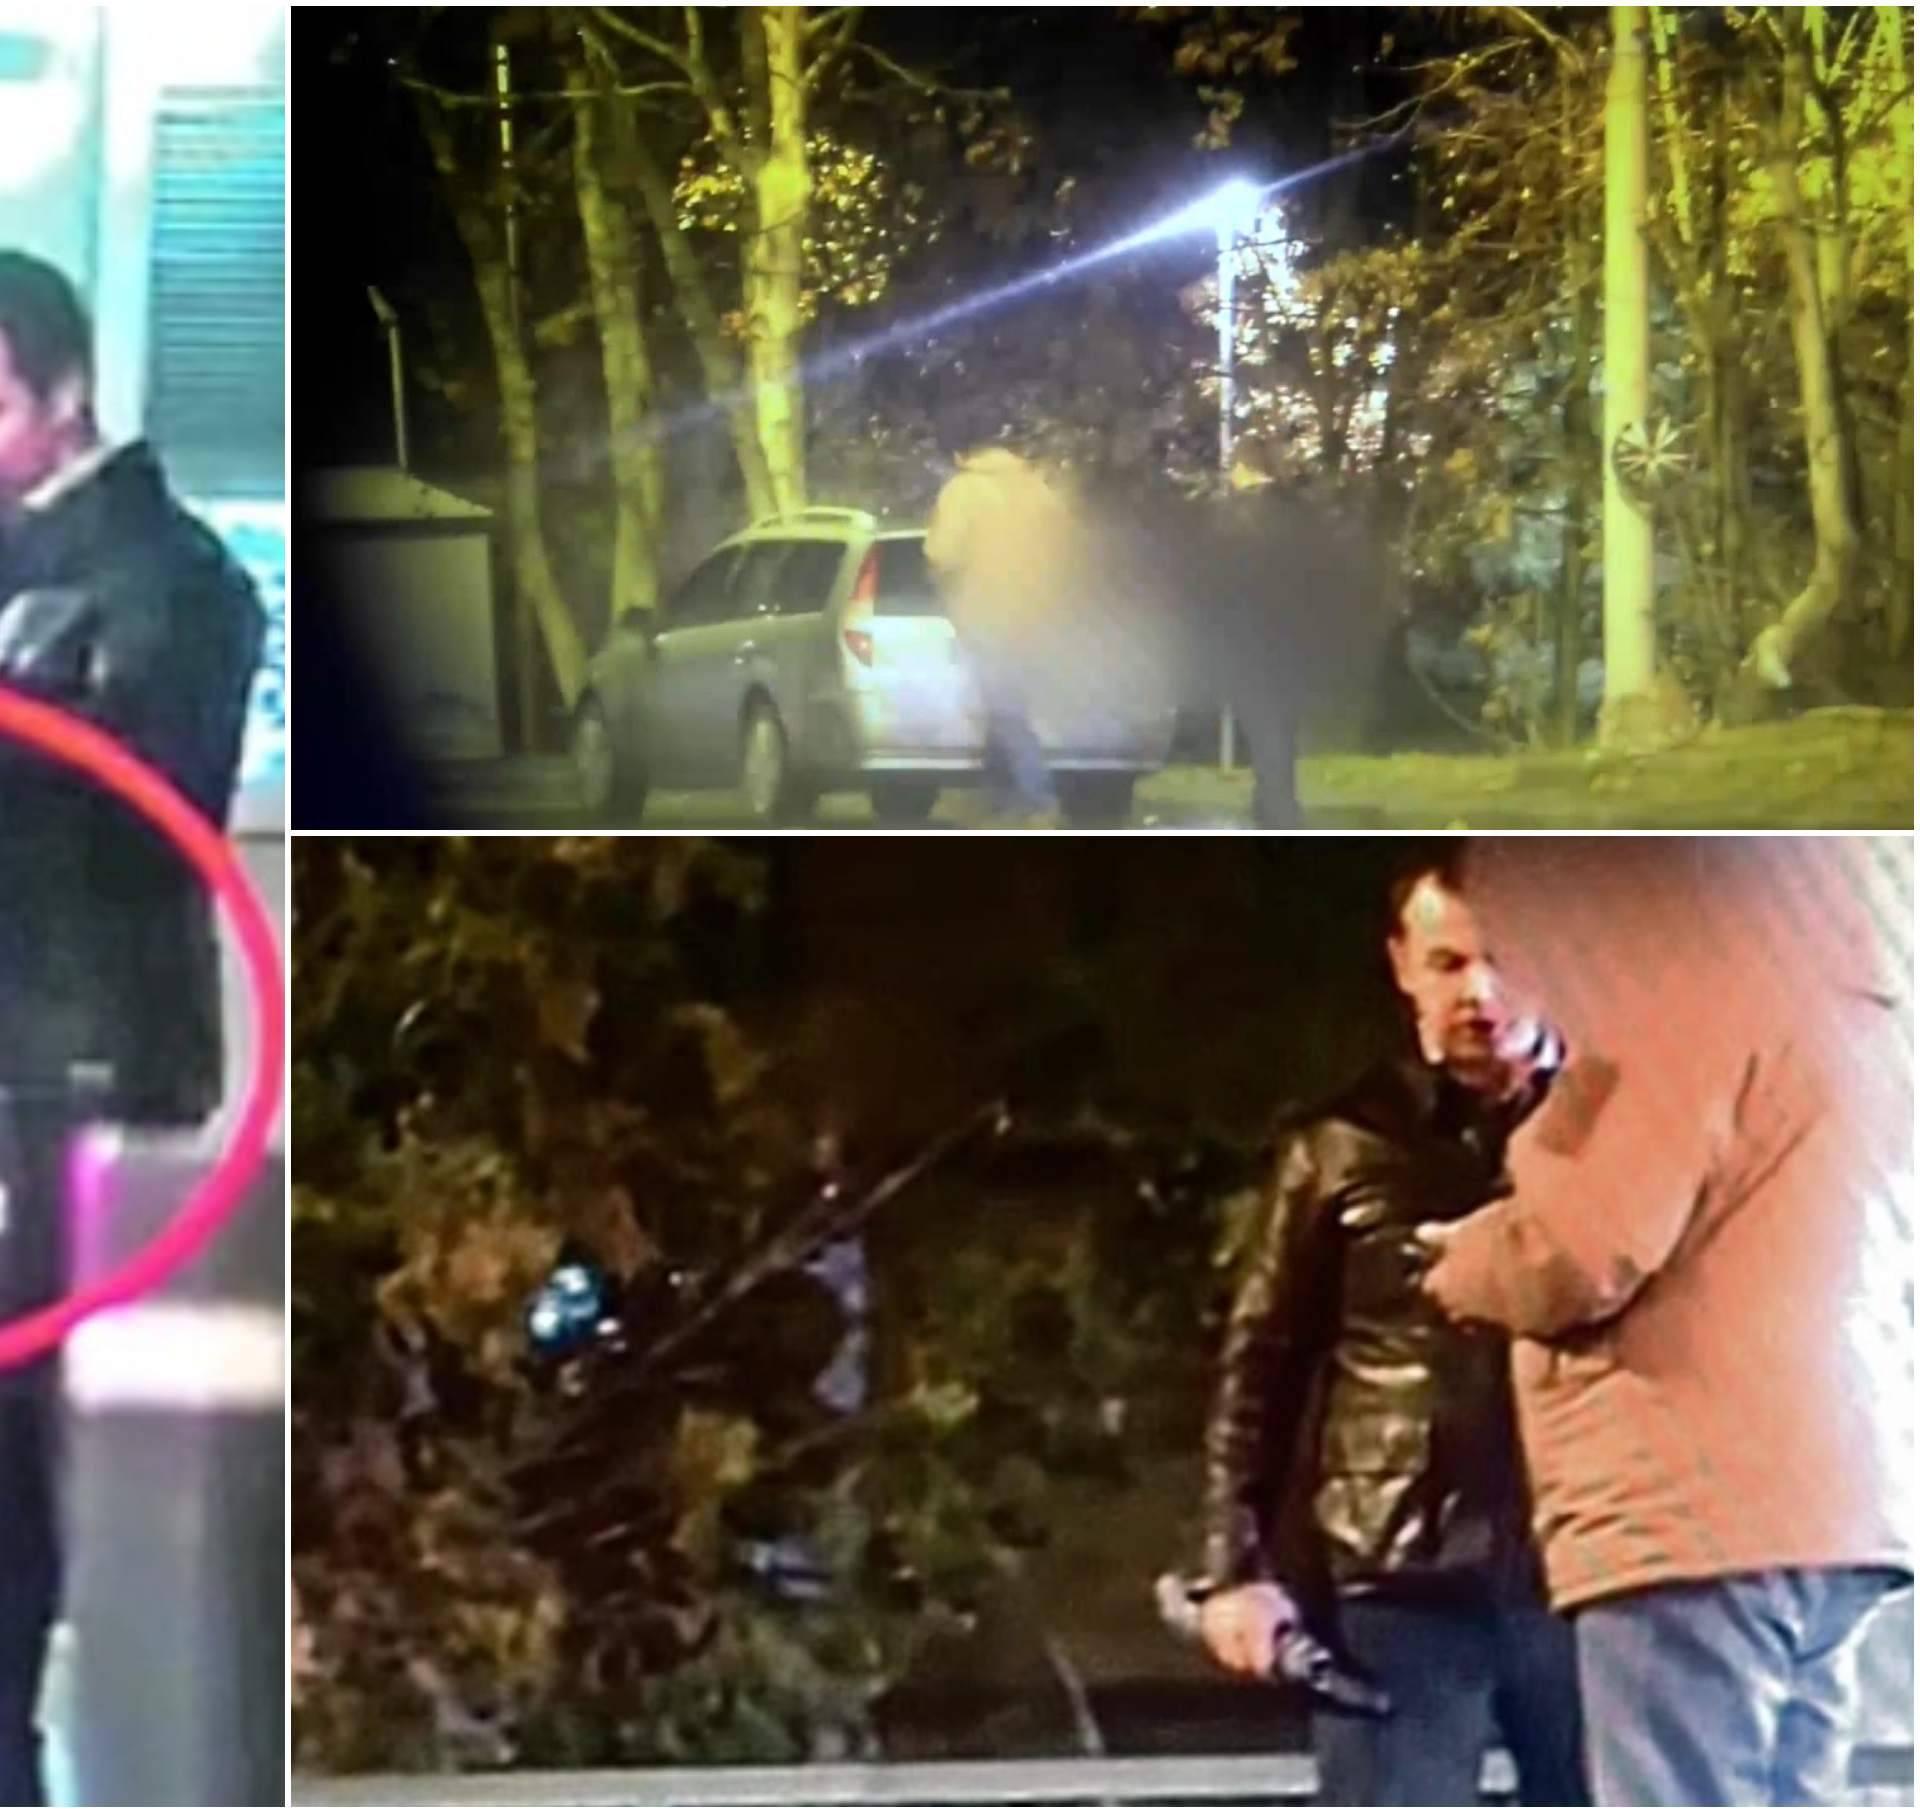 Ulovila ih kamera: Ruski špijun vrbovao srpskog dužnosnika?